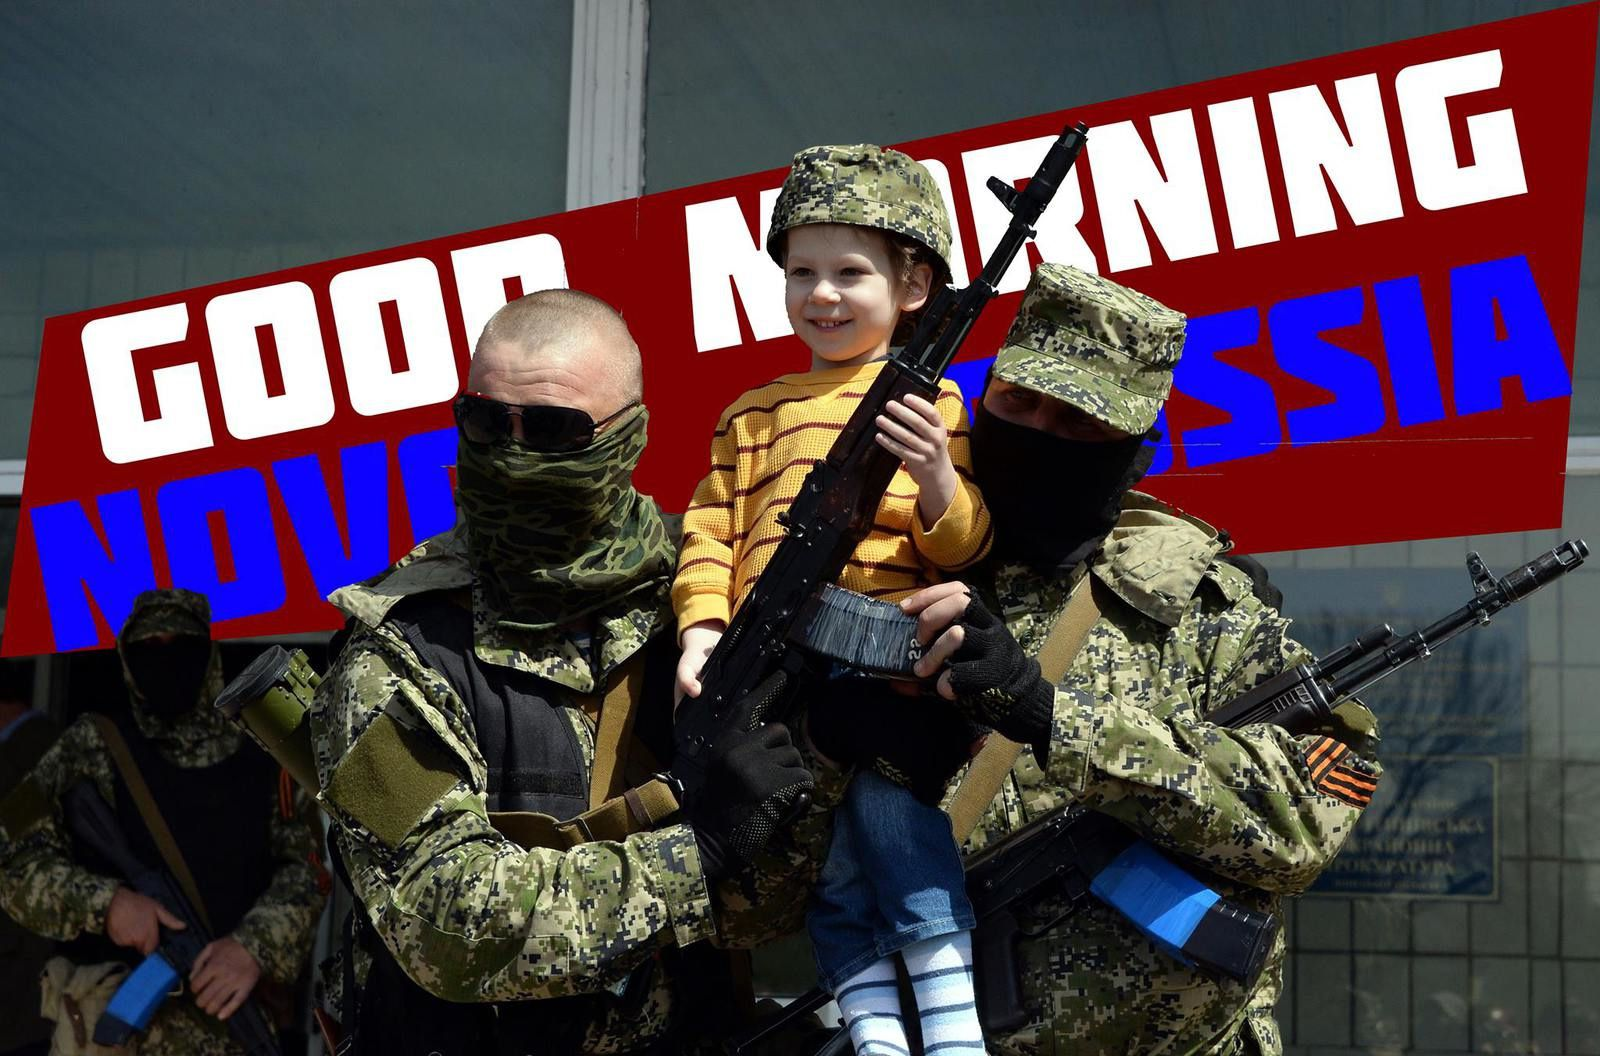 LIBRE, SOCIAL ET NATIONAL: Message d'un combattant du Donbass aux oligarques apatrides.